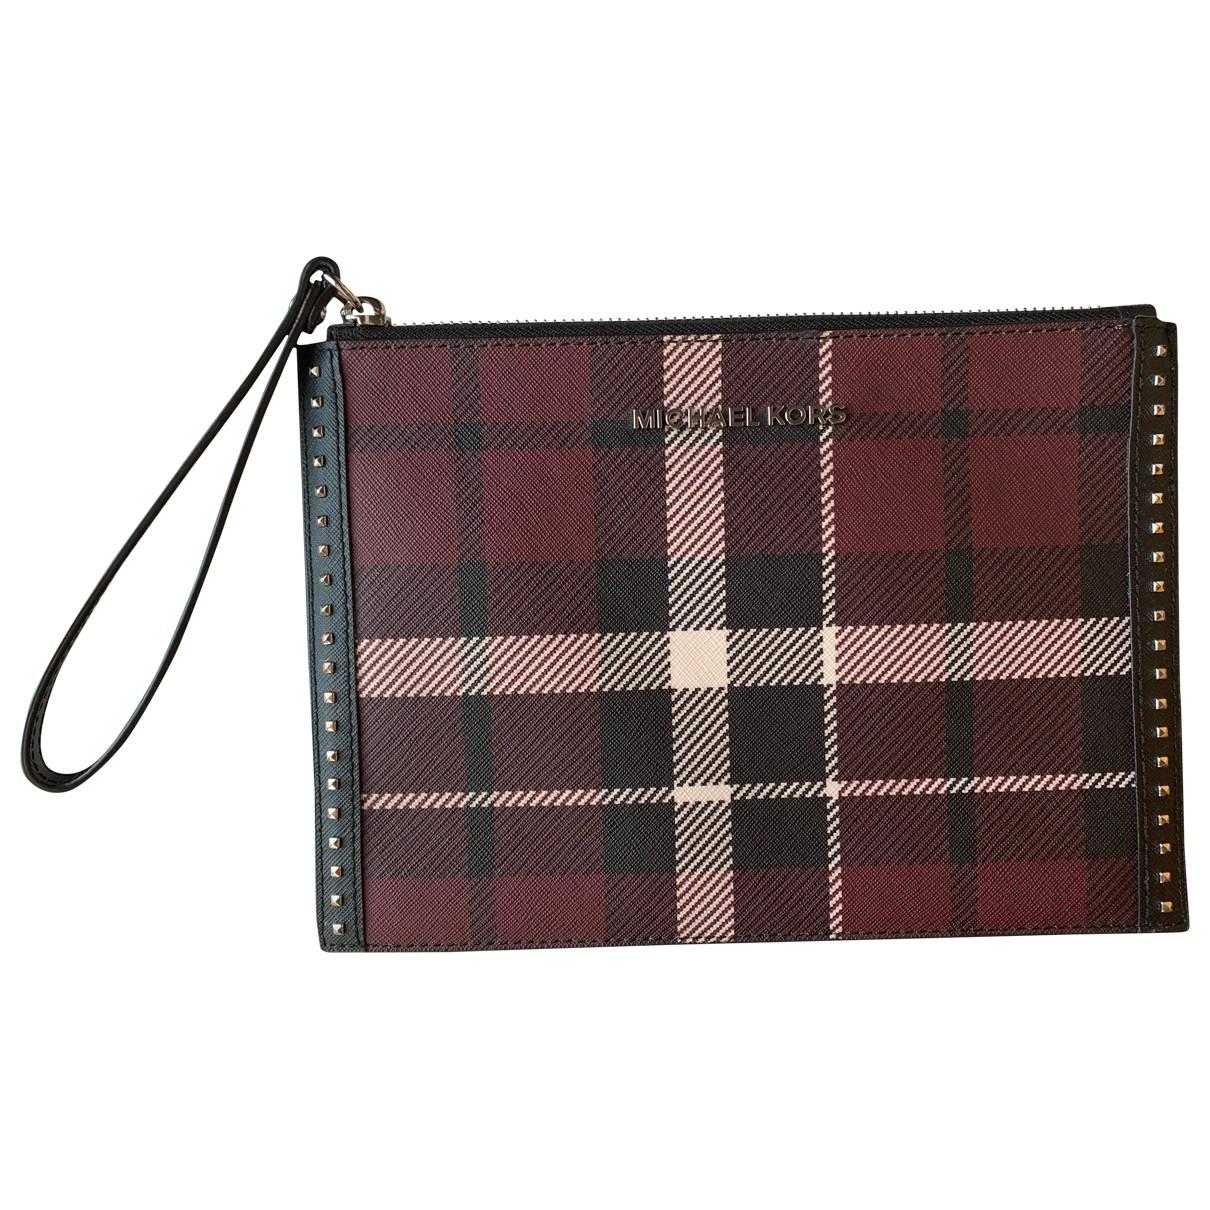 Michael Kors N Black Clutch bag for Women N